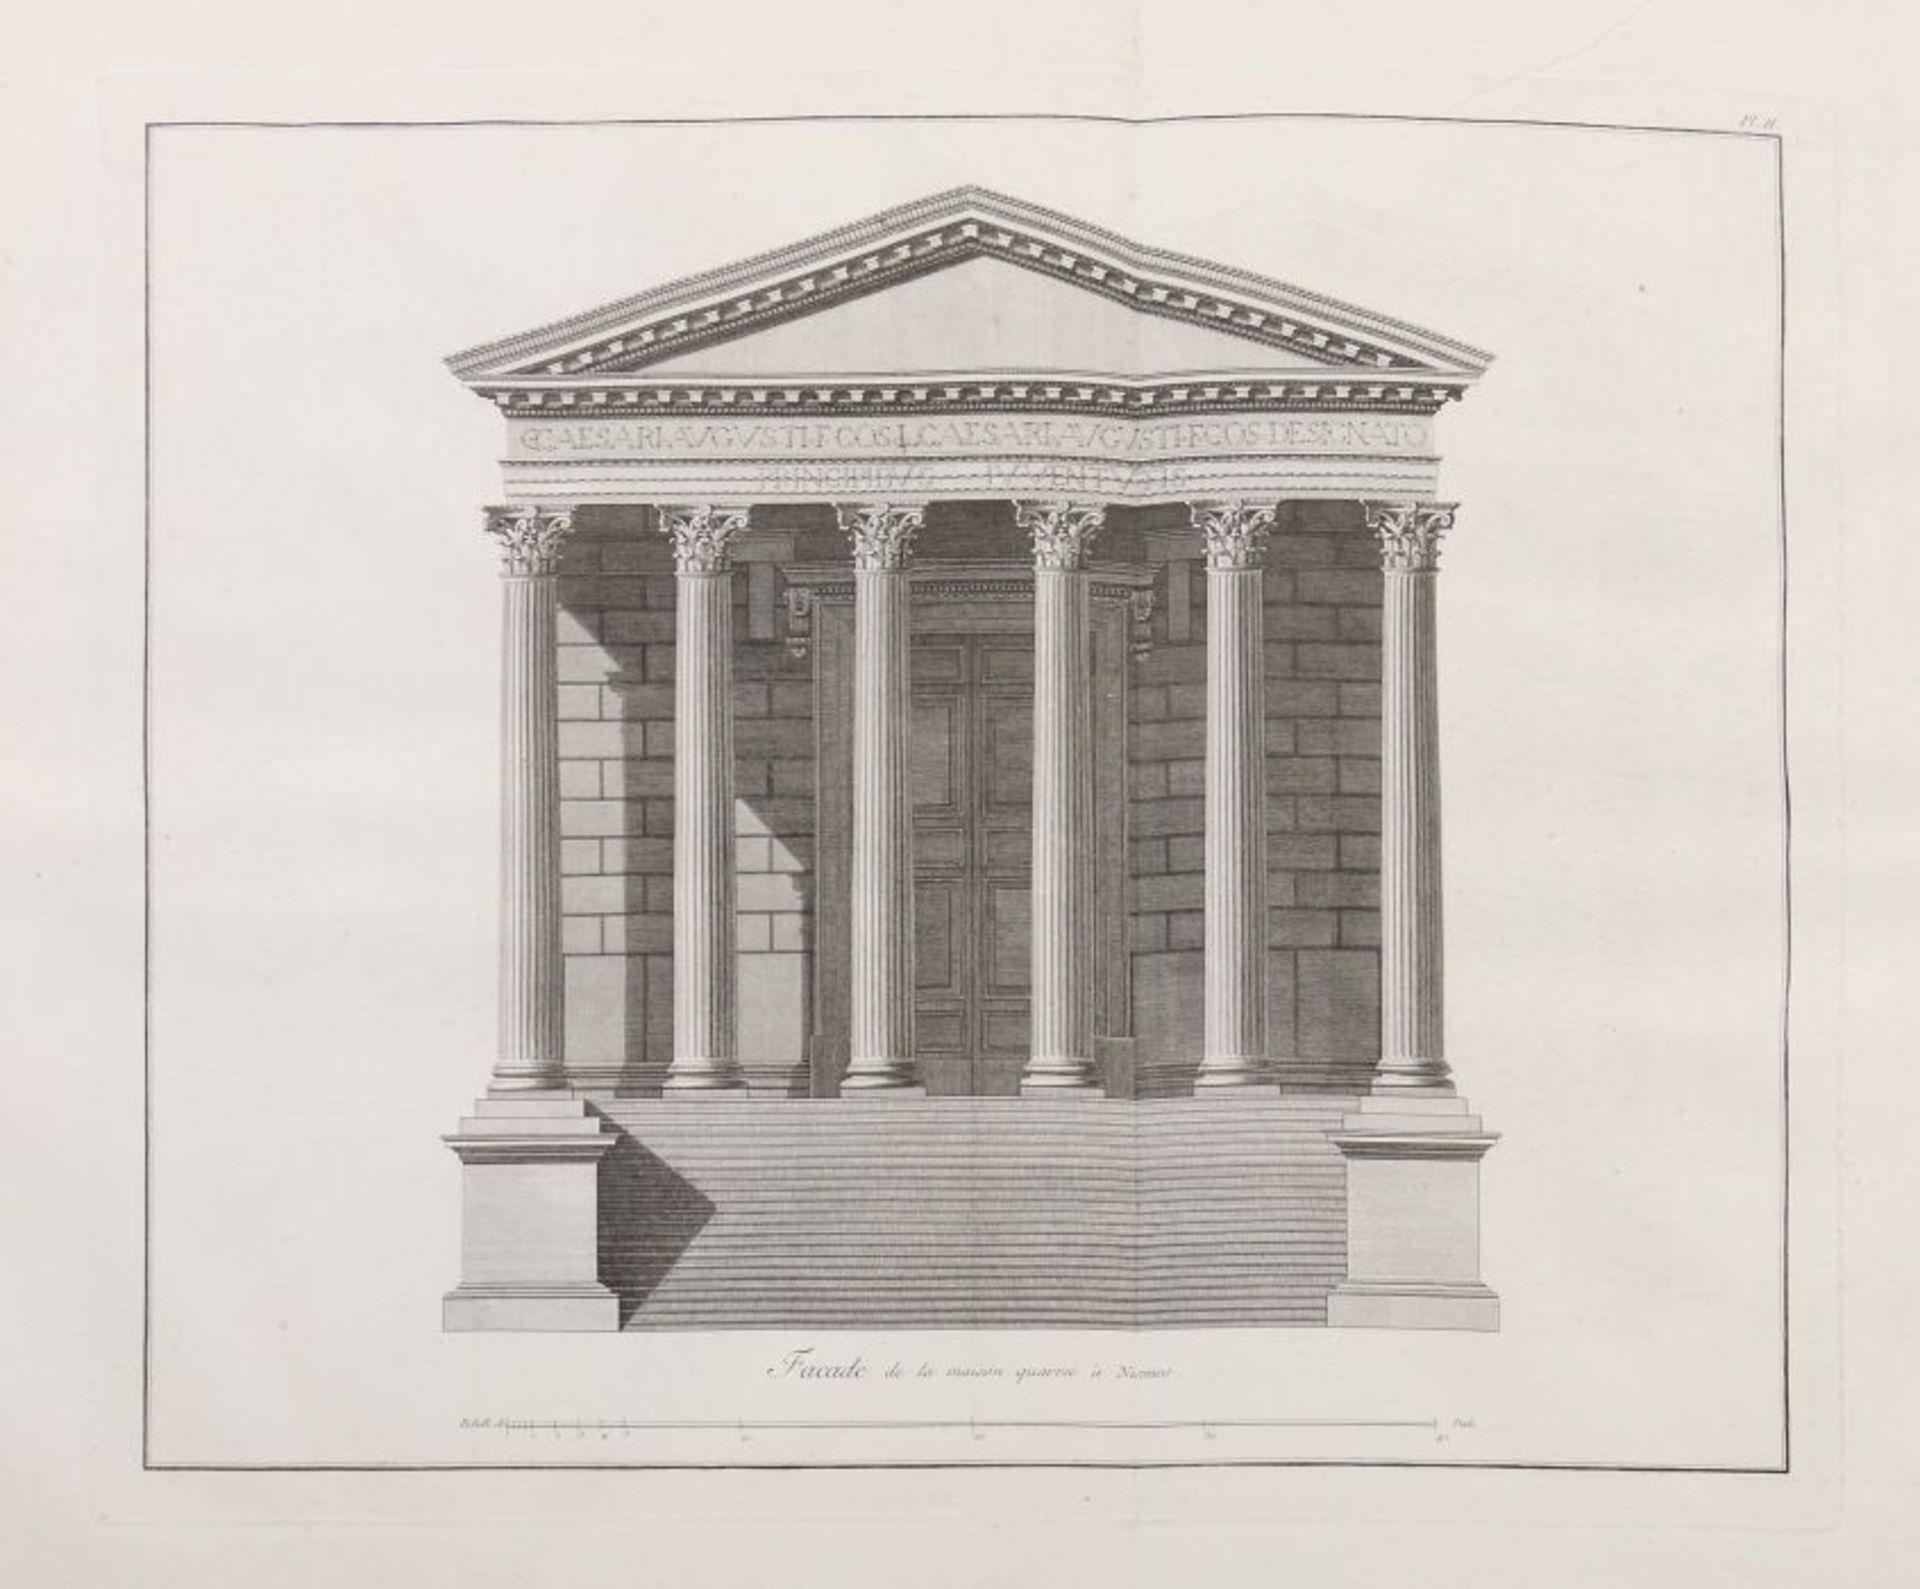 Clérisseau, Charles-Louis Antiquités de la France - Monumens de Nismes, Pierres, Paris, 1778, - Bild 4 aus 11